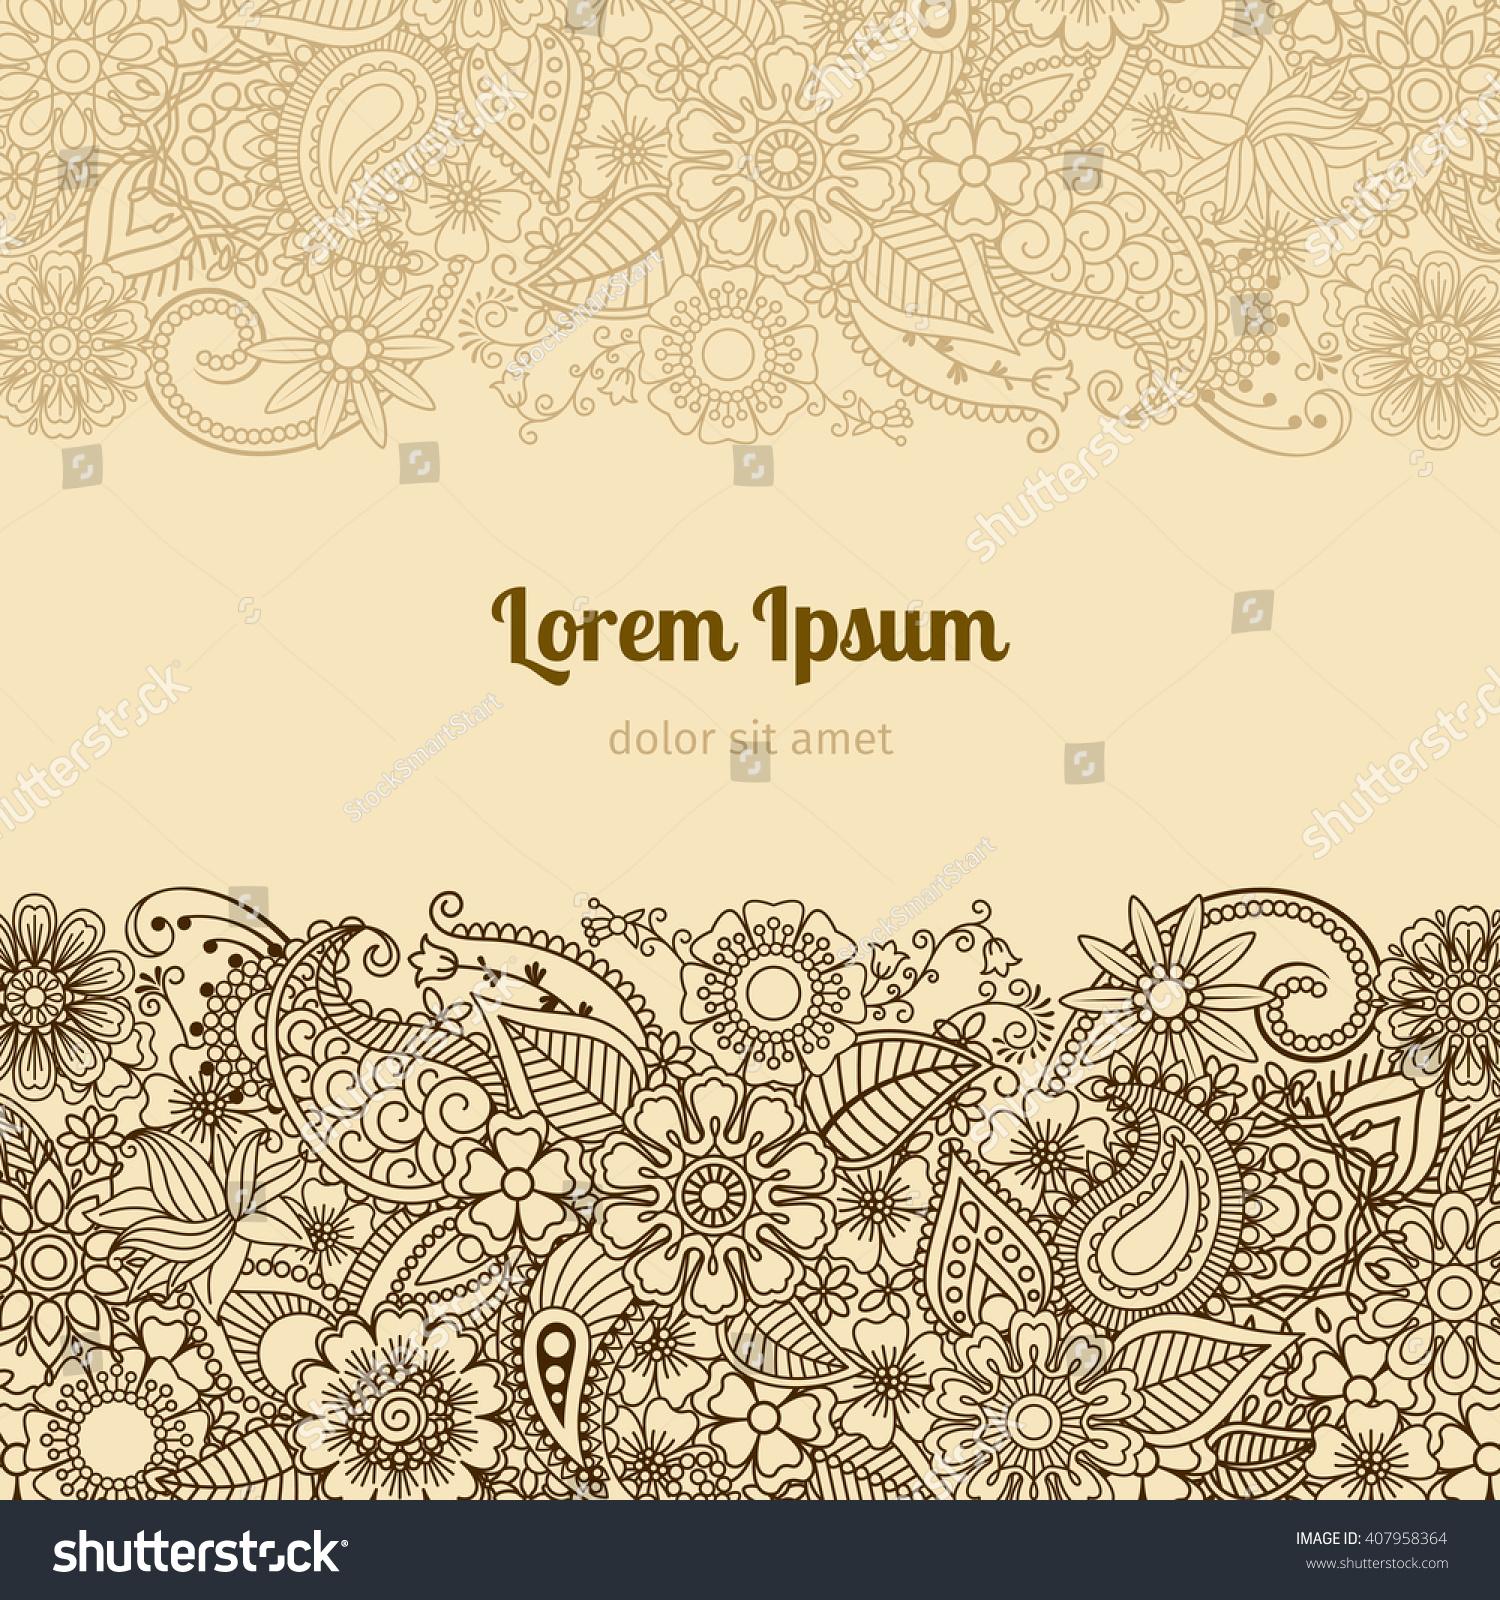 Henna Mehndi Card Template Mehndi Invitation Stock Vector 407958364 ...